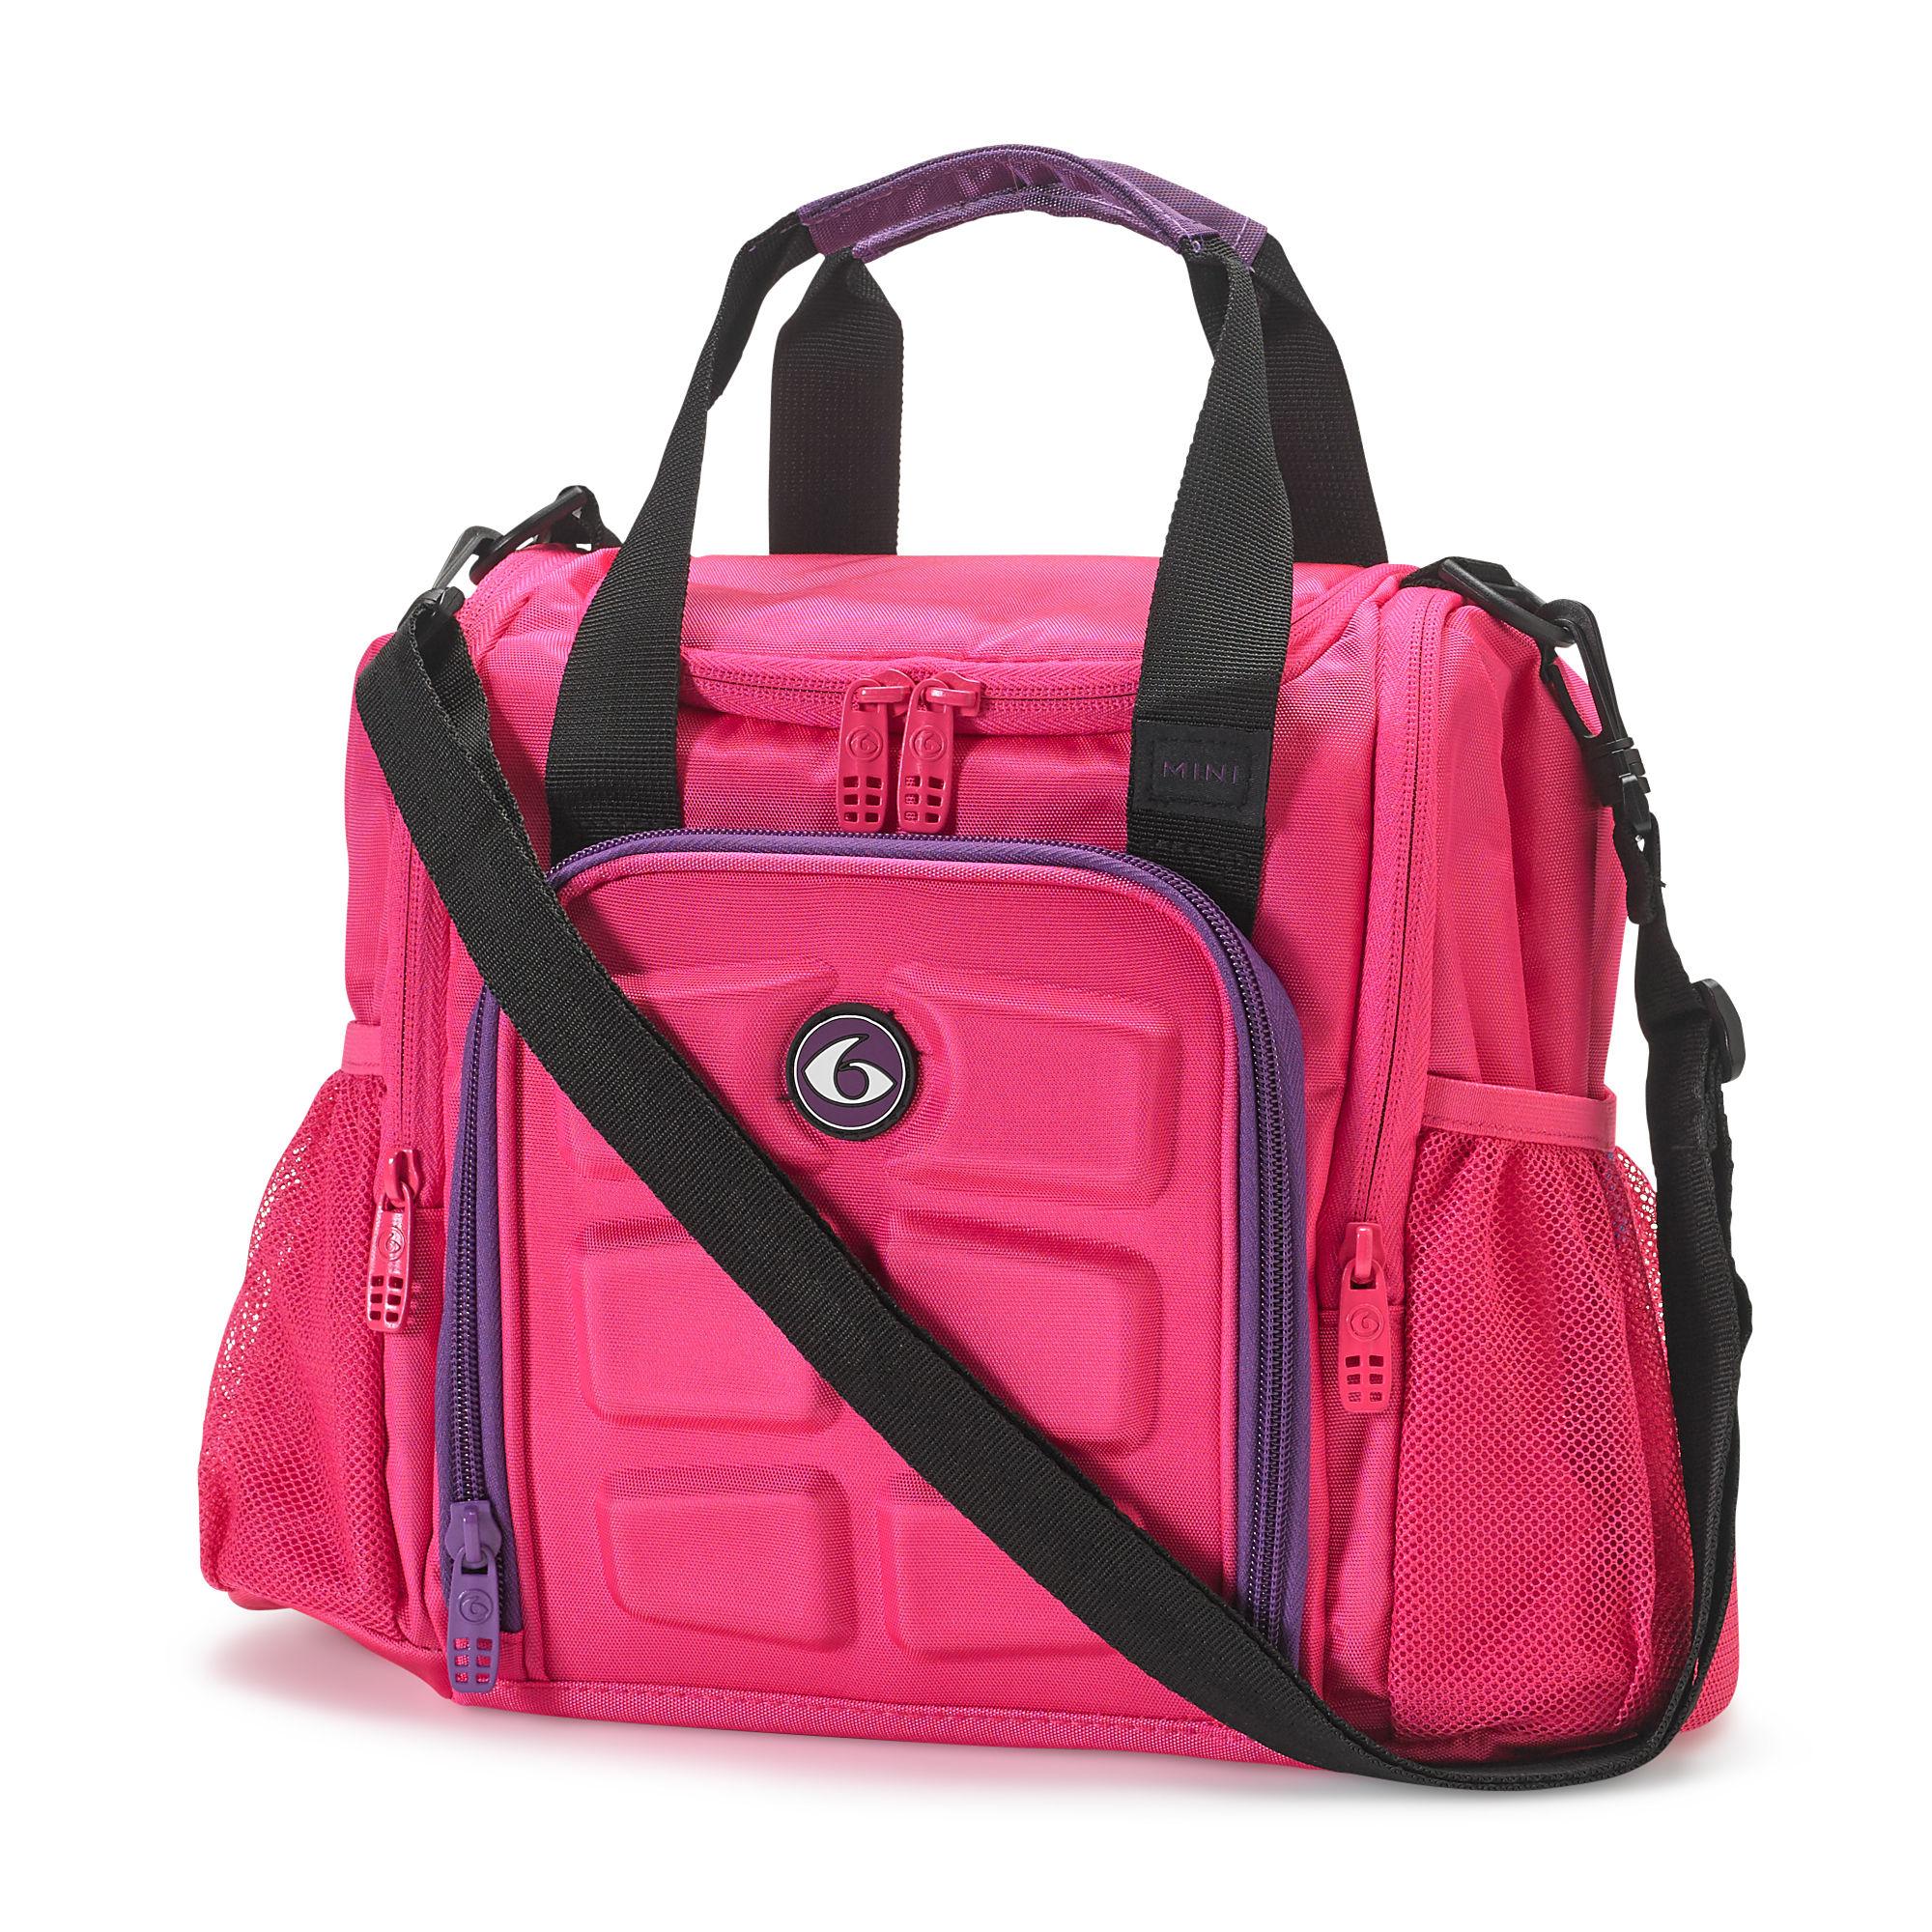 Спортивная сумка Six Pack Fitness Fitness Innovator